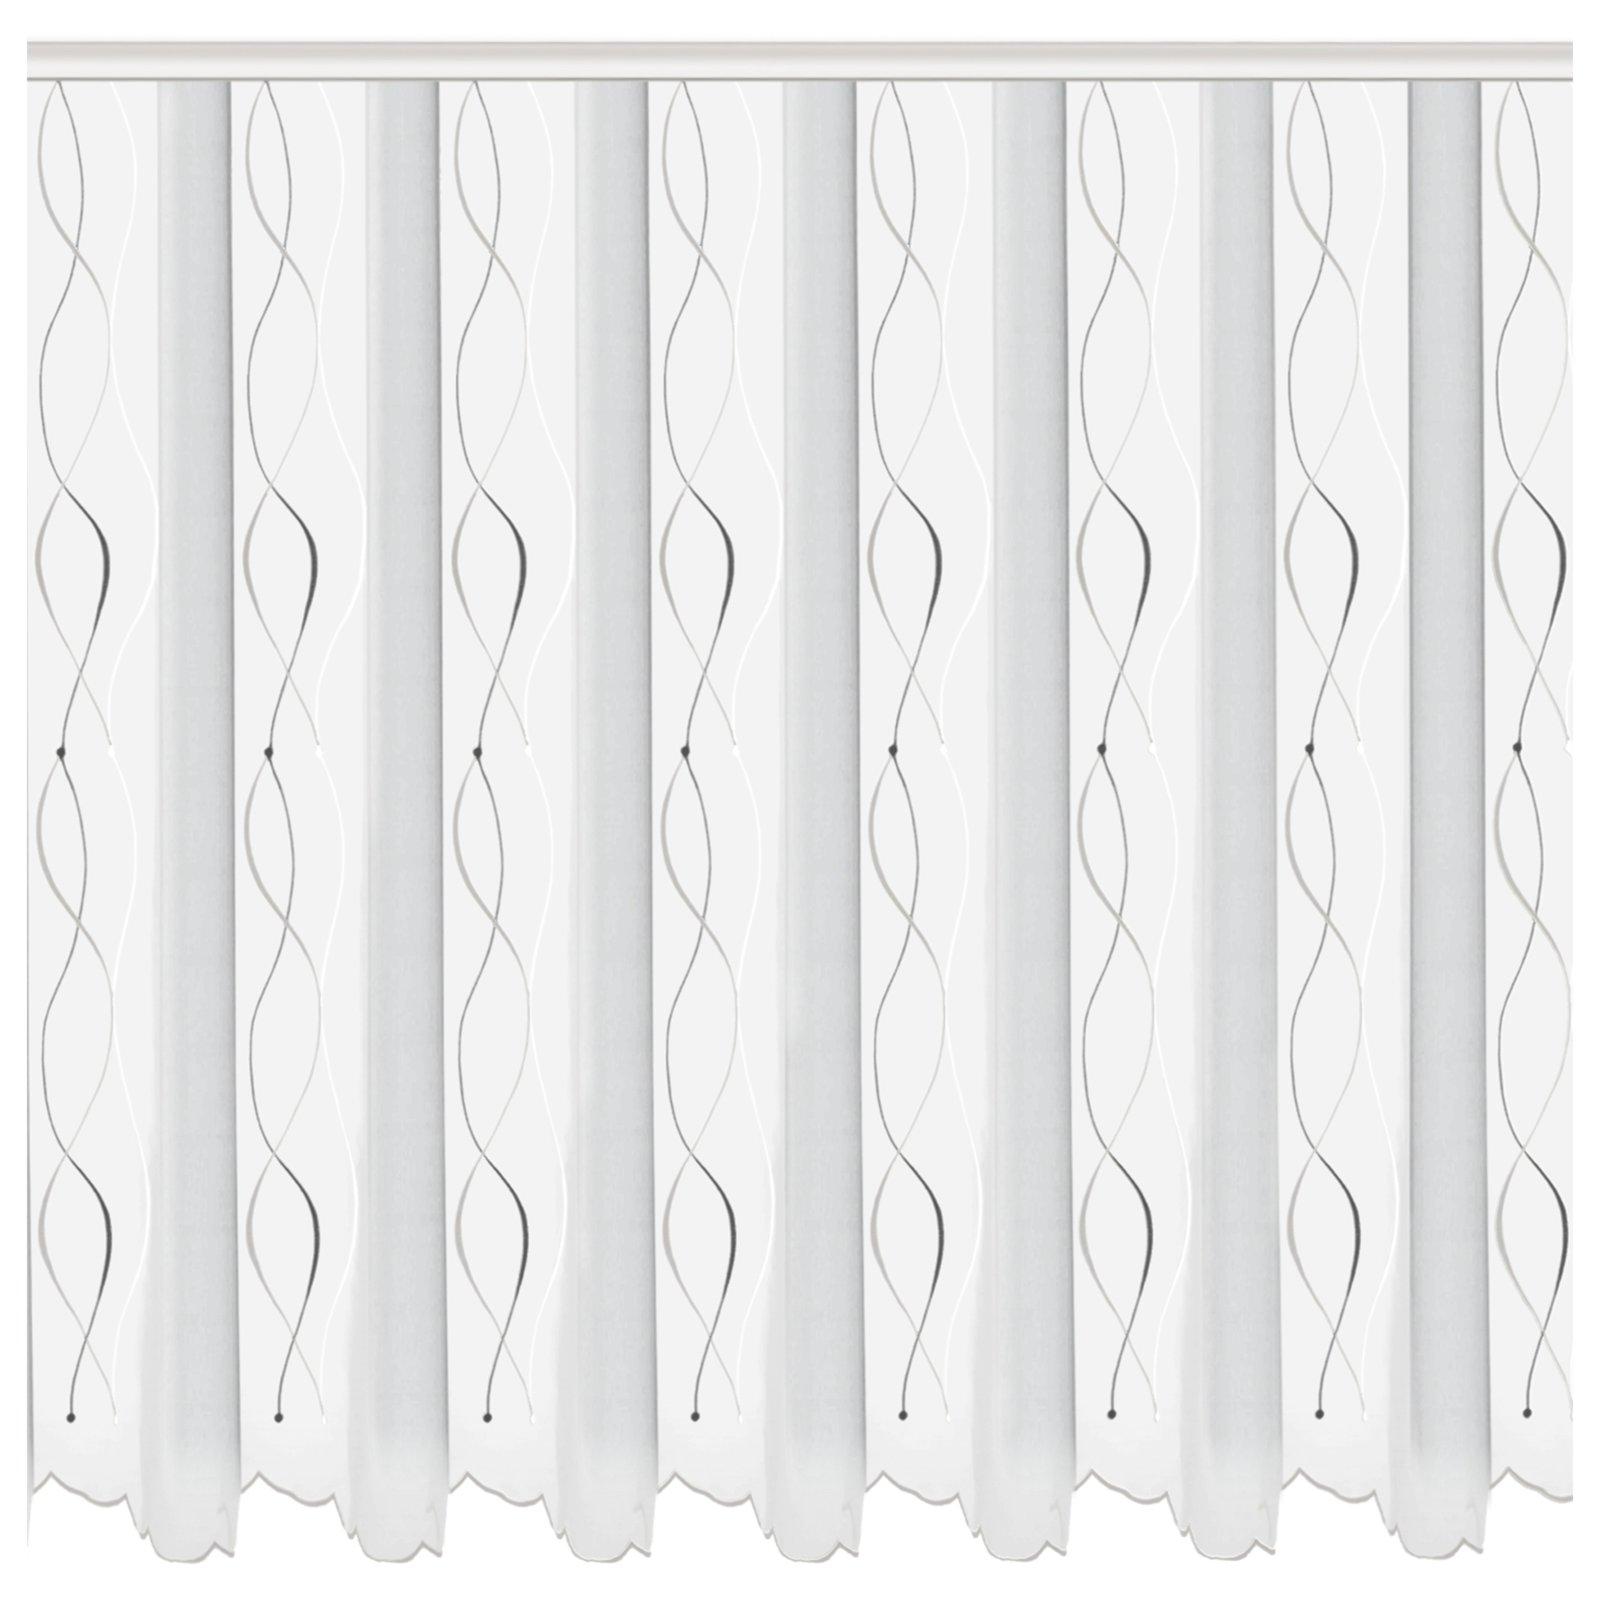 gardine swing wei anthrazit 300x140 cm transparente gardinen gardinen vorh nge deko. Black Bedroom Furniture Sets. Home Design Ideas